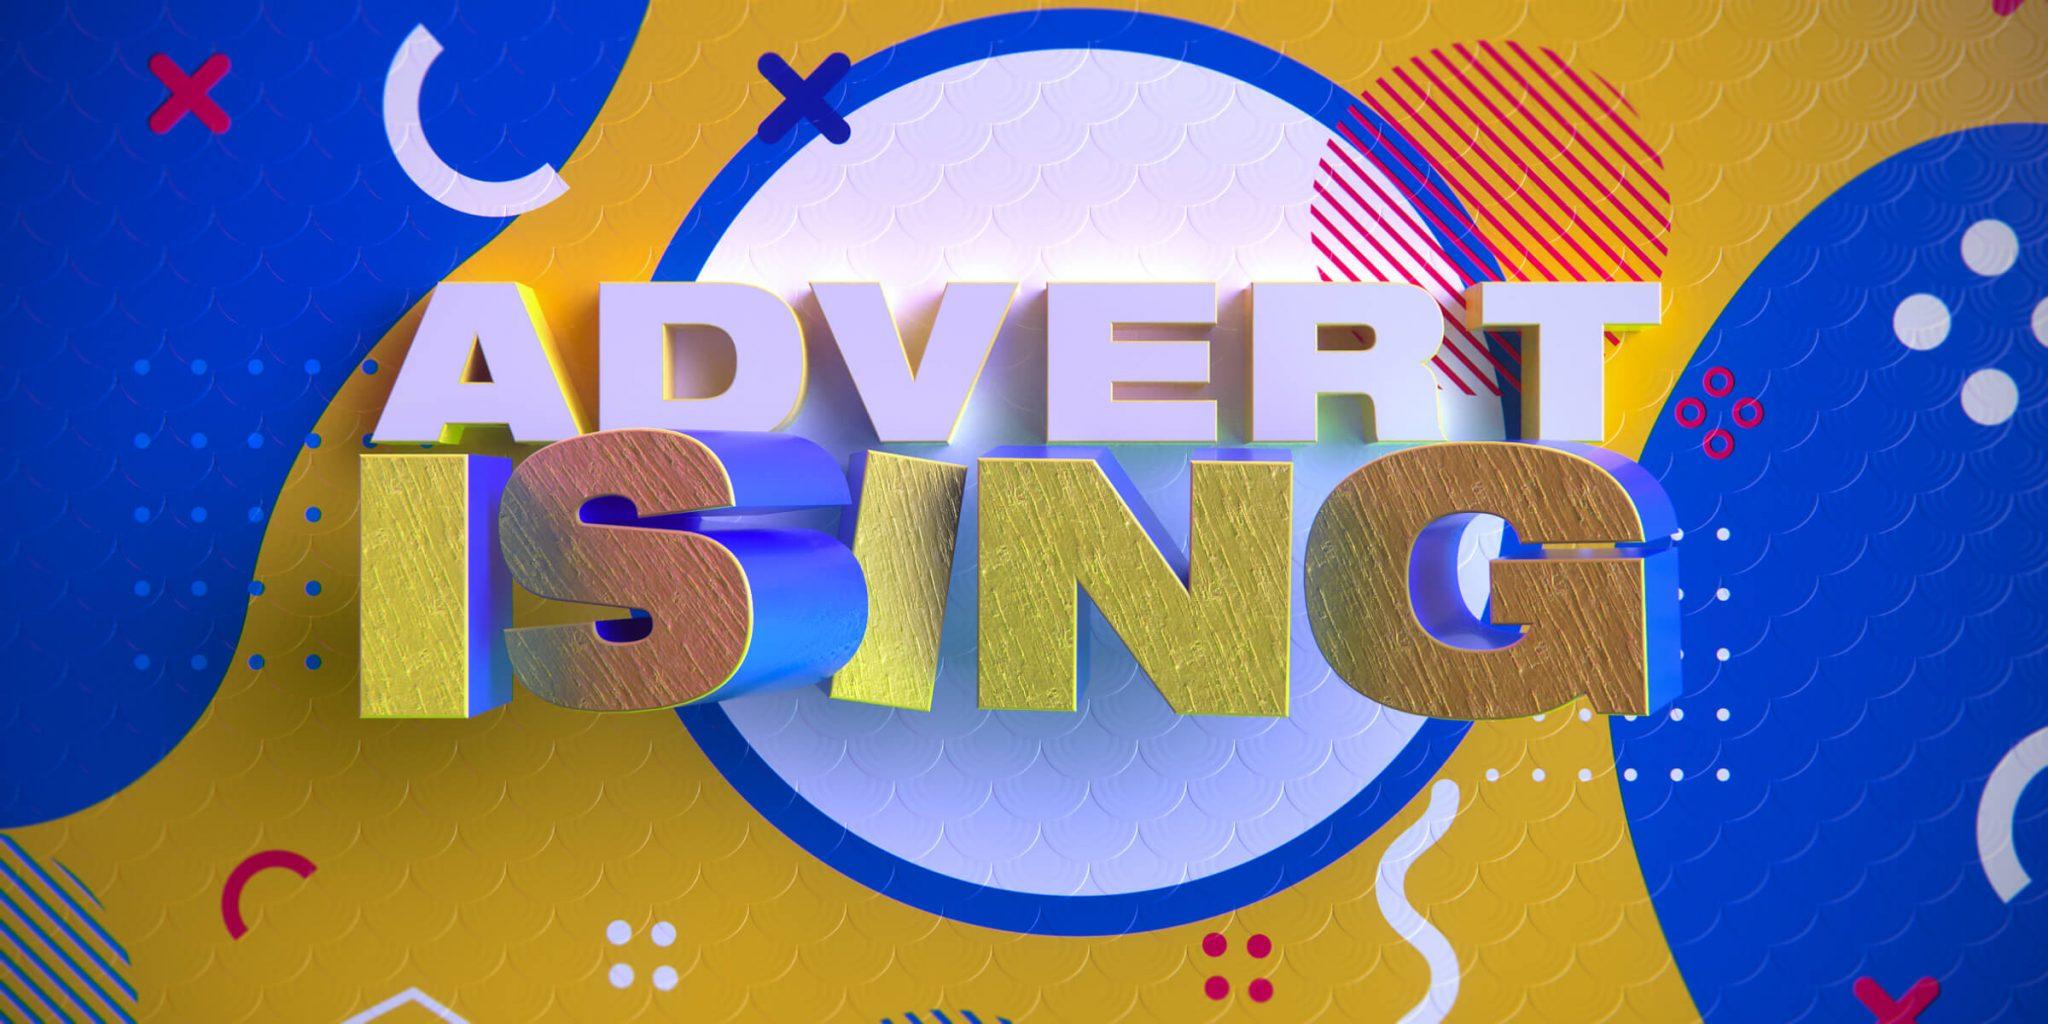 advertising0184